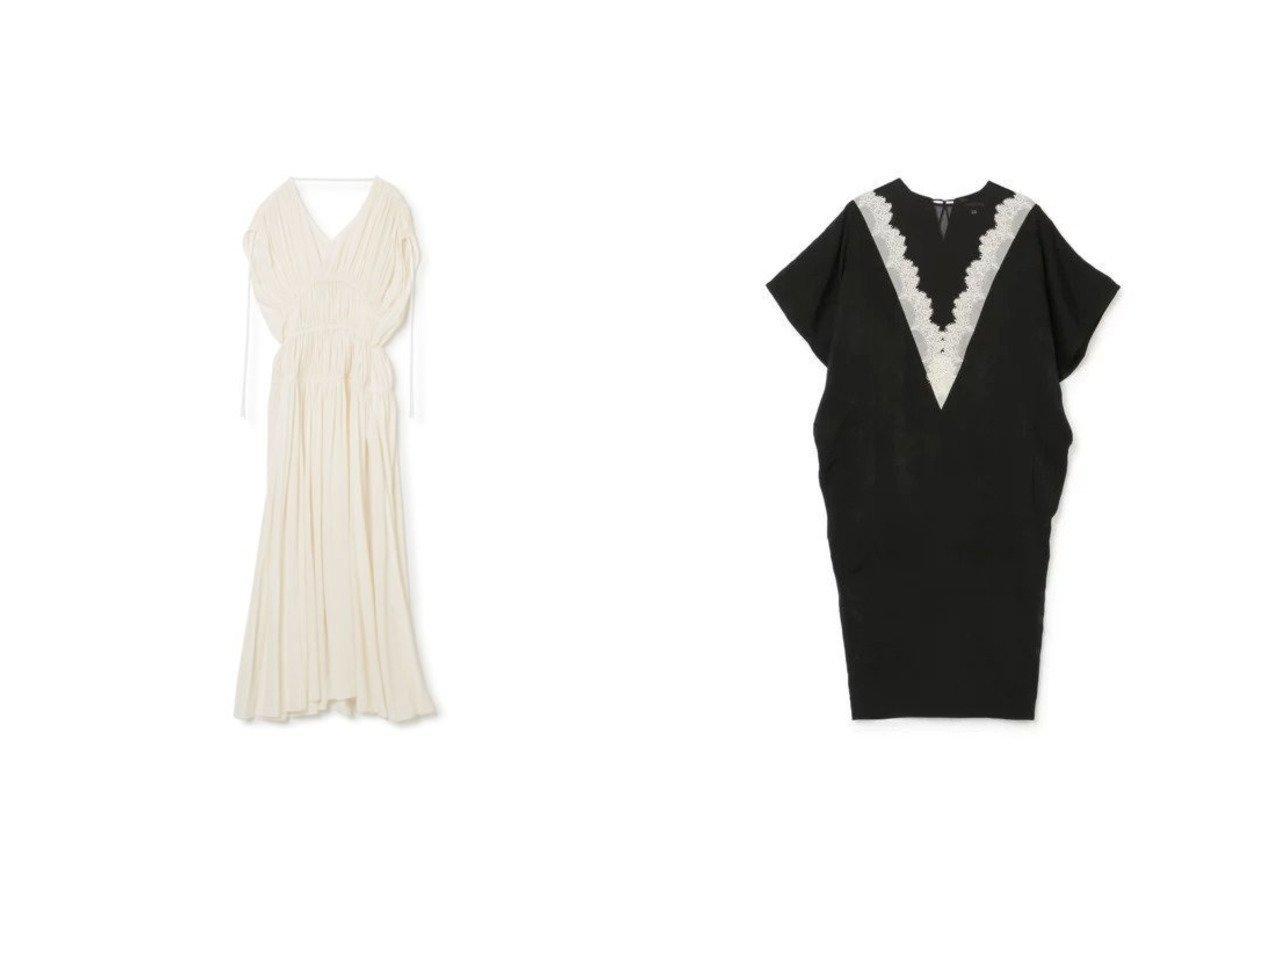 【LOKITHO/ロキト】のGATHERED DRAPE DRESS&LACED VNECK DRESS ワンピース・ドレスのおすすめ!人気、トレンド・レディースファッションの通販  おすすめで人気の流行・トレンド、ファッションの通販商品 メンズファッション・キッズファッション・インテリア・家具・レディースファッション・服の通販 founy(ファニー) https://founy.com/ ファッション Fashion レディースファッション WOMEN ワンピース Dress ドレス Party Dresses 2021年 2021 2021 春夏 S/S SS Spring/Summer 2021 S/S 春夏 SS Spring/Summer エレガント ギャザー ドレス ドレープ ノースリーブ フォーマル ラップ ロング クラシック シアー モダン ラグジュアリー レース 半袖 |ID:crp329100000022762